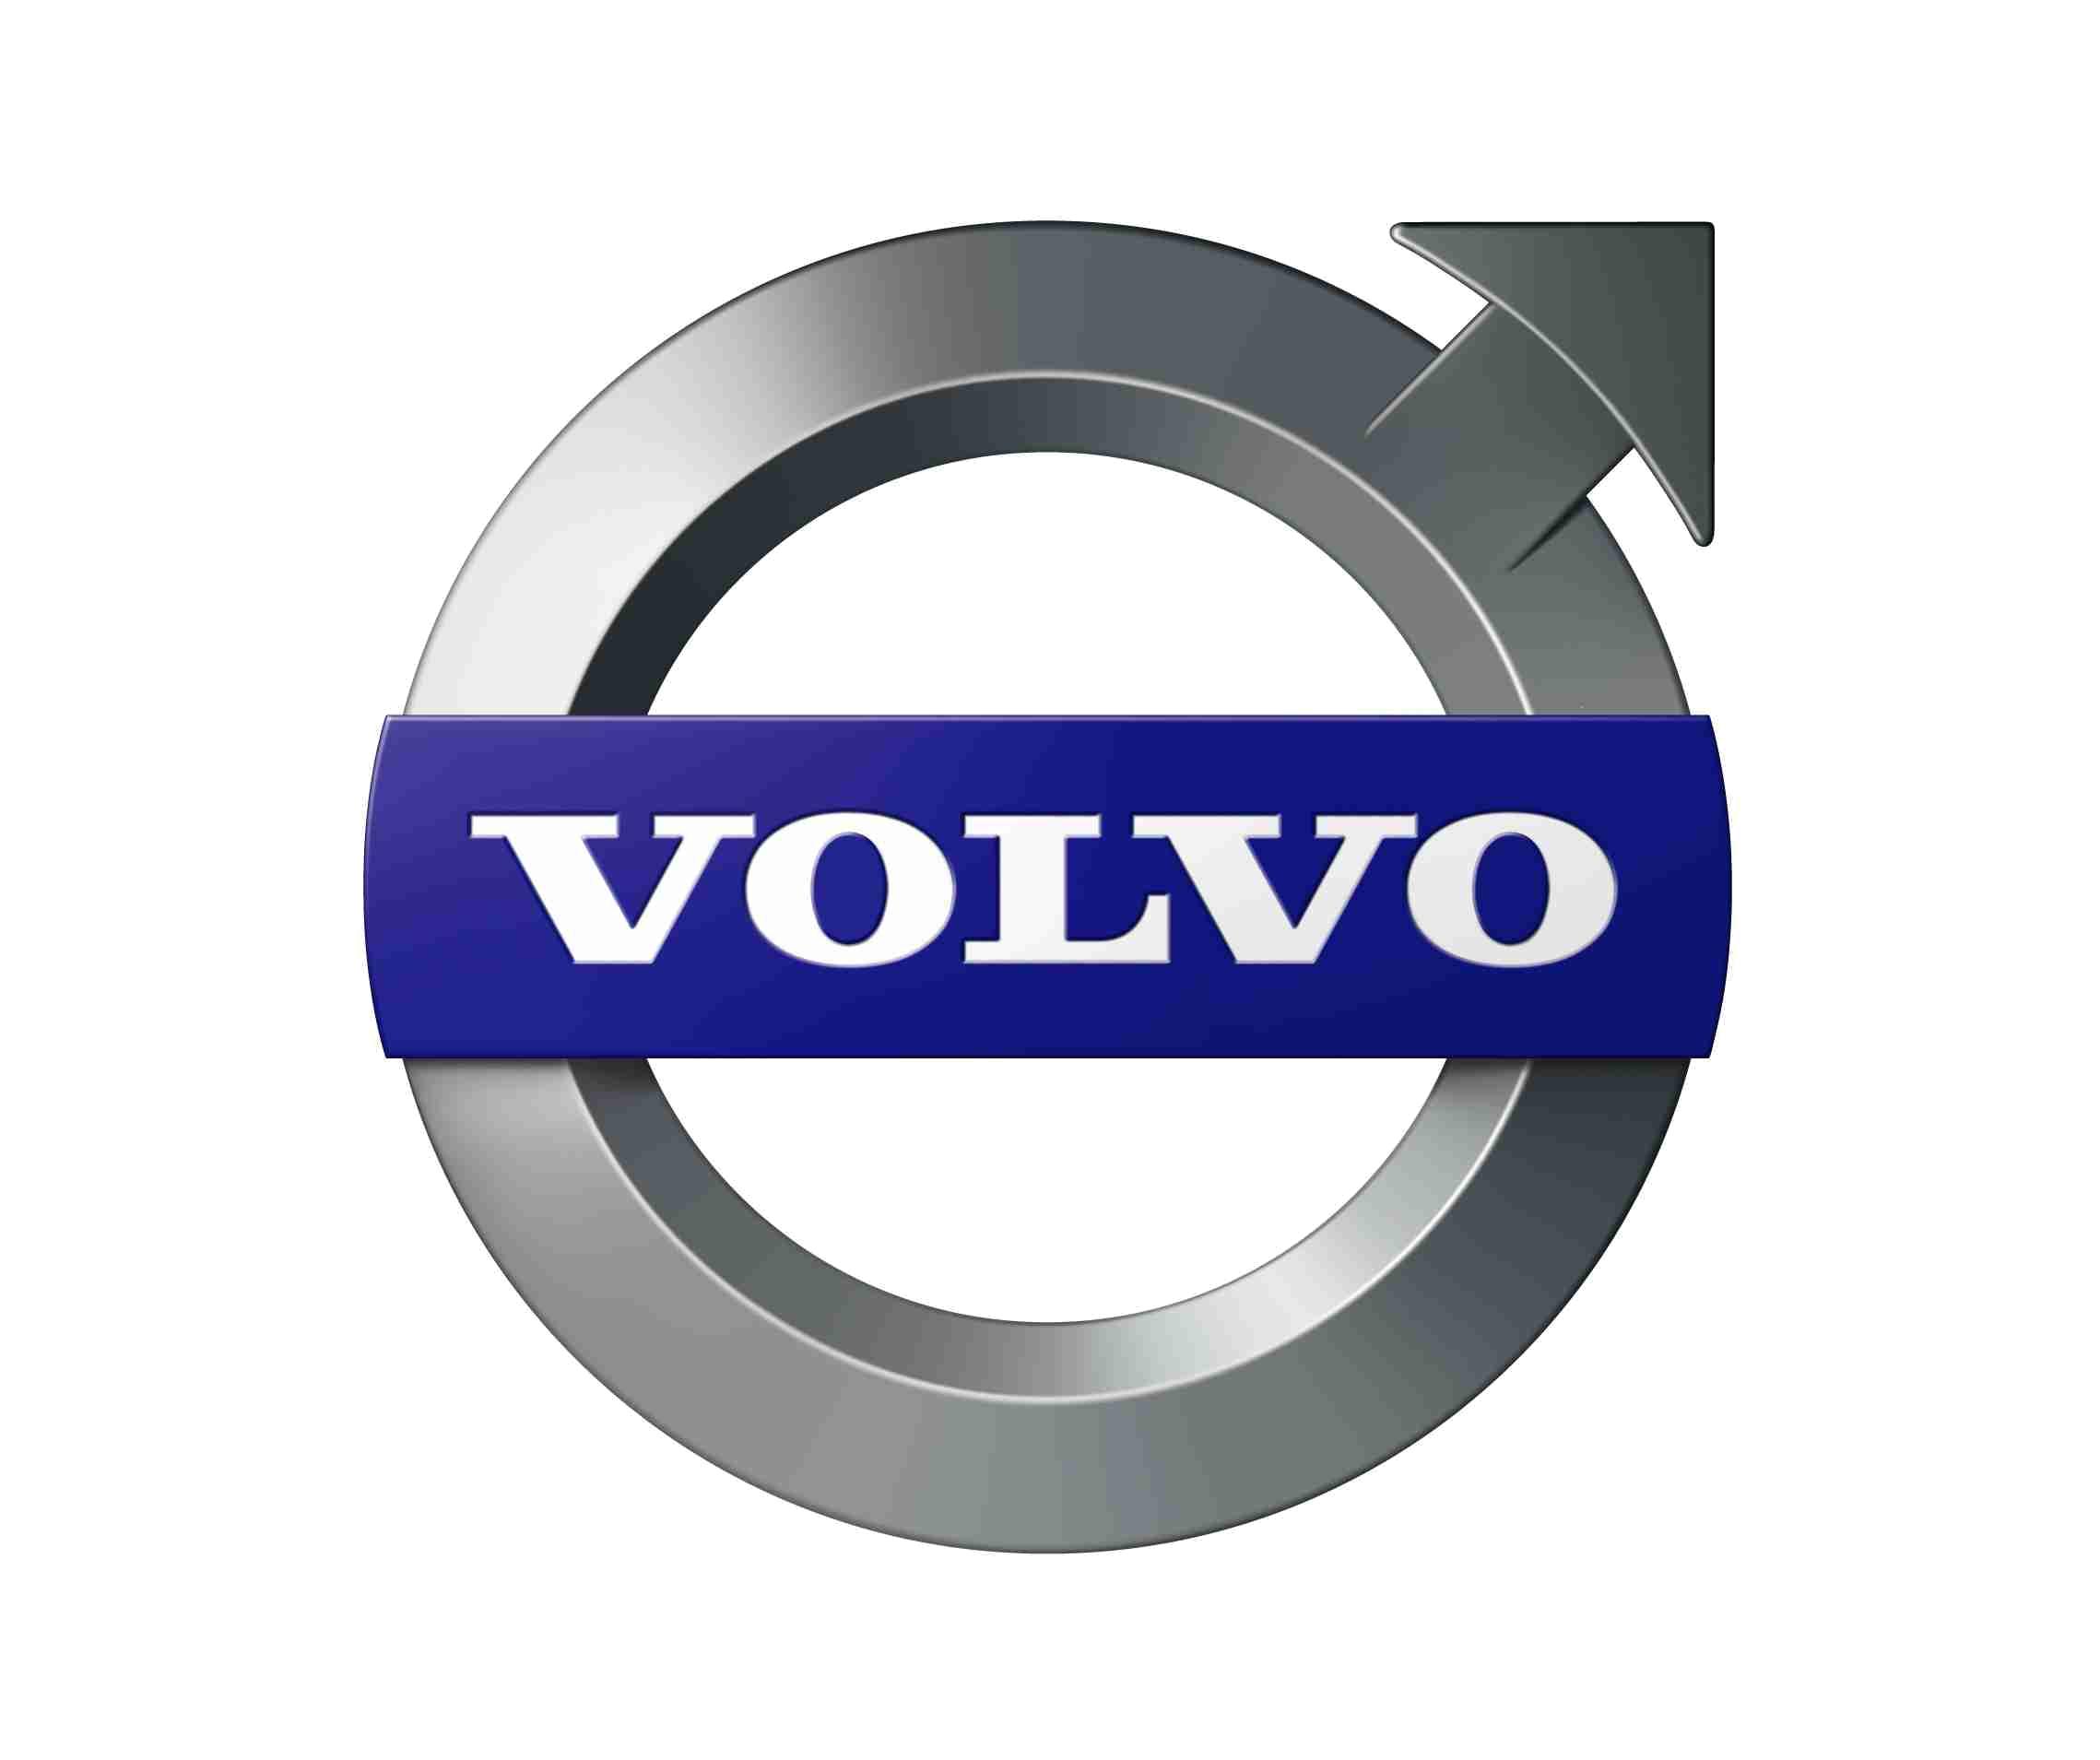 Ввольво лого PNG, Volvo car logo PNG